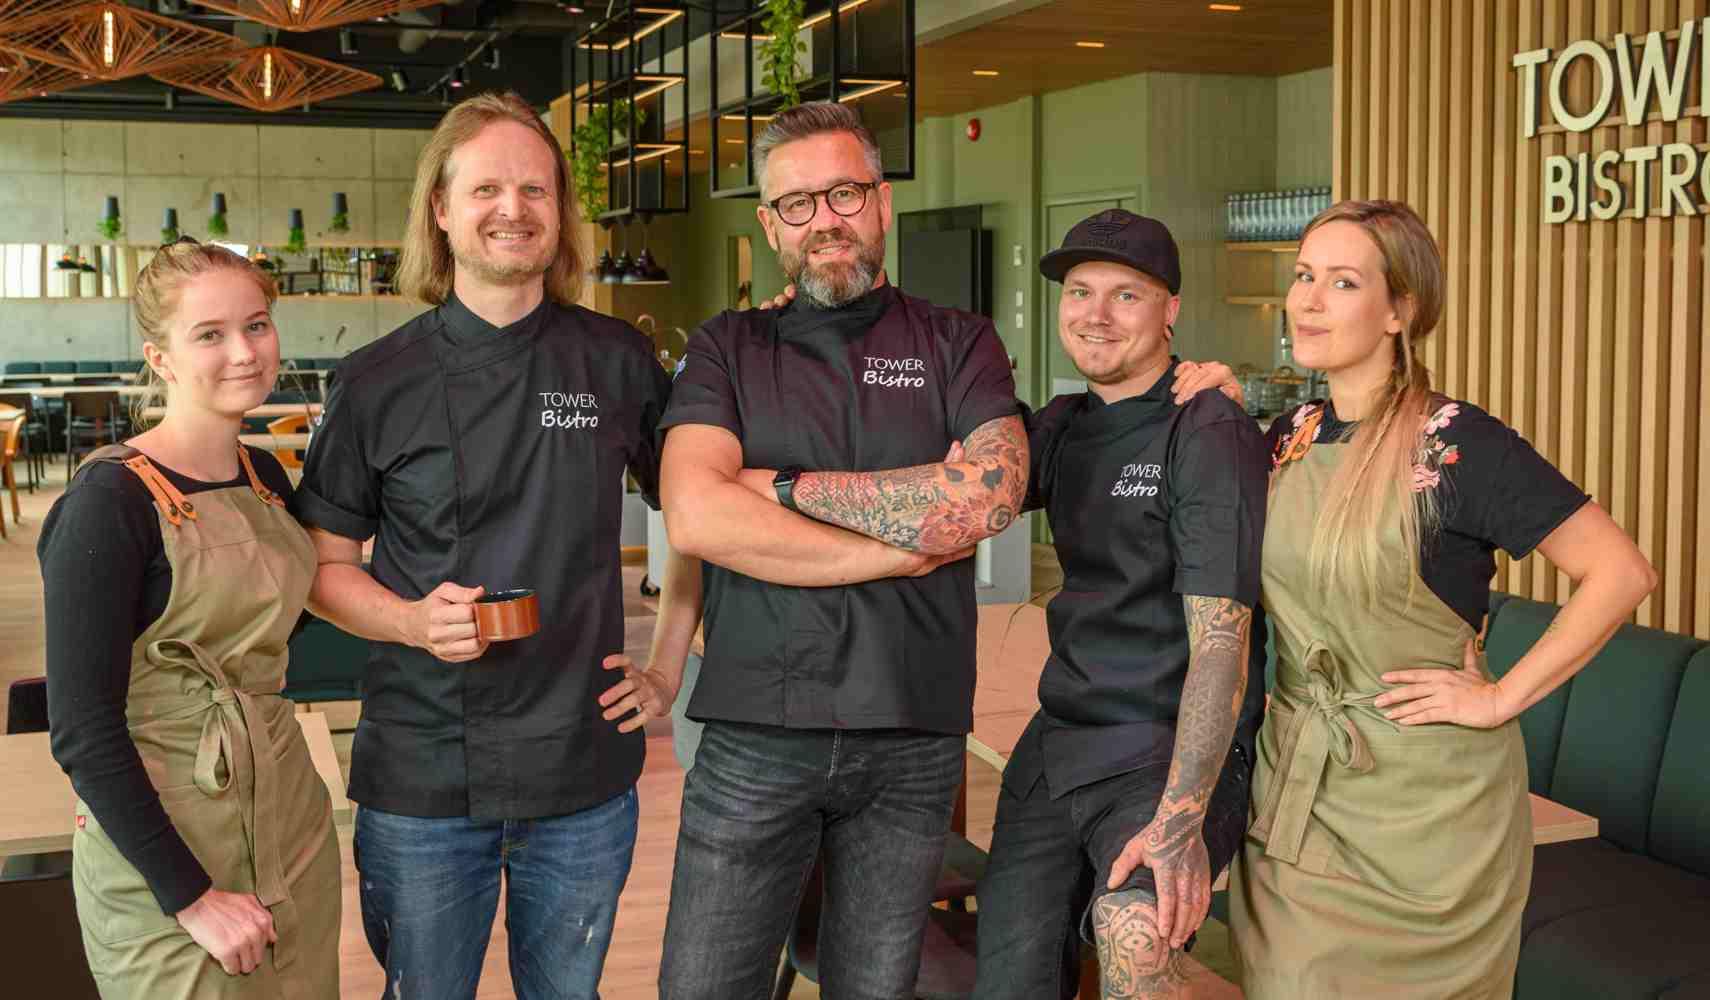 Tower Bistron henkilökuntaa: Oona Salin, Mikko Lehtinen, Tommi Myllykangas, Tuomas Urpilainen, Tiia Myllykangas.